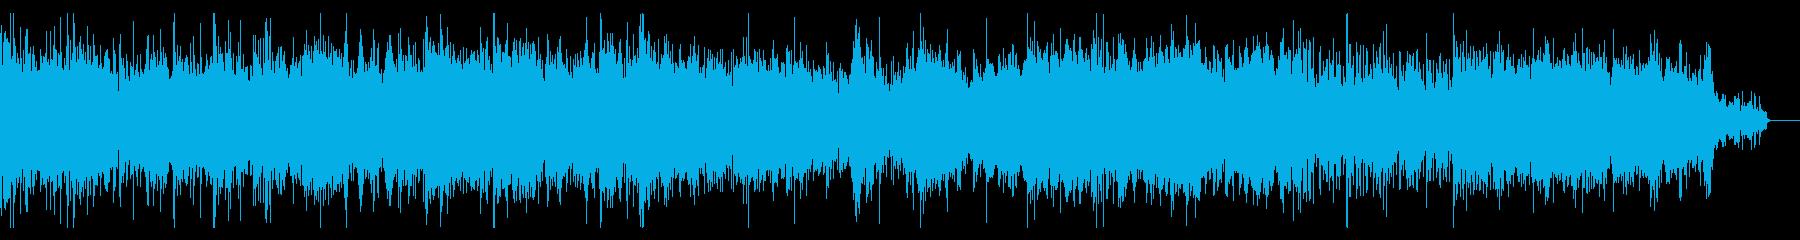 不思議に捻れたシネマティックIDMの再生済みの波形